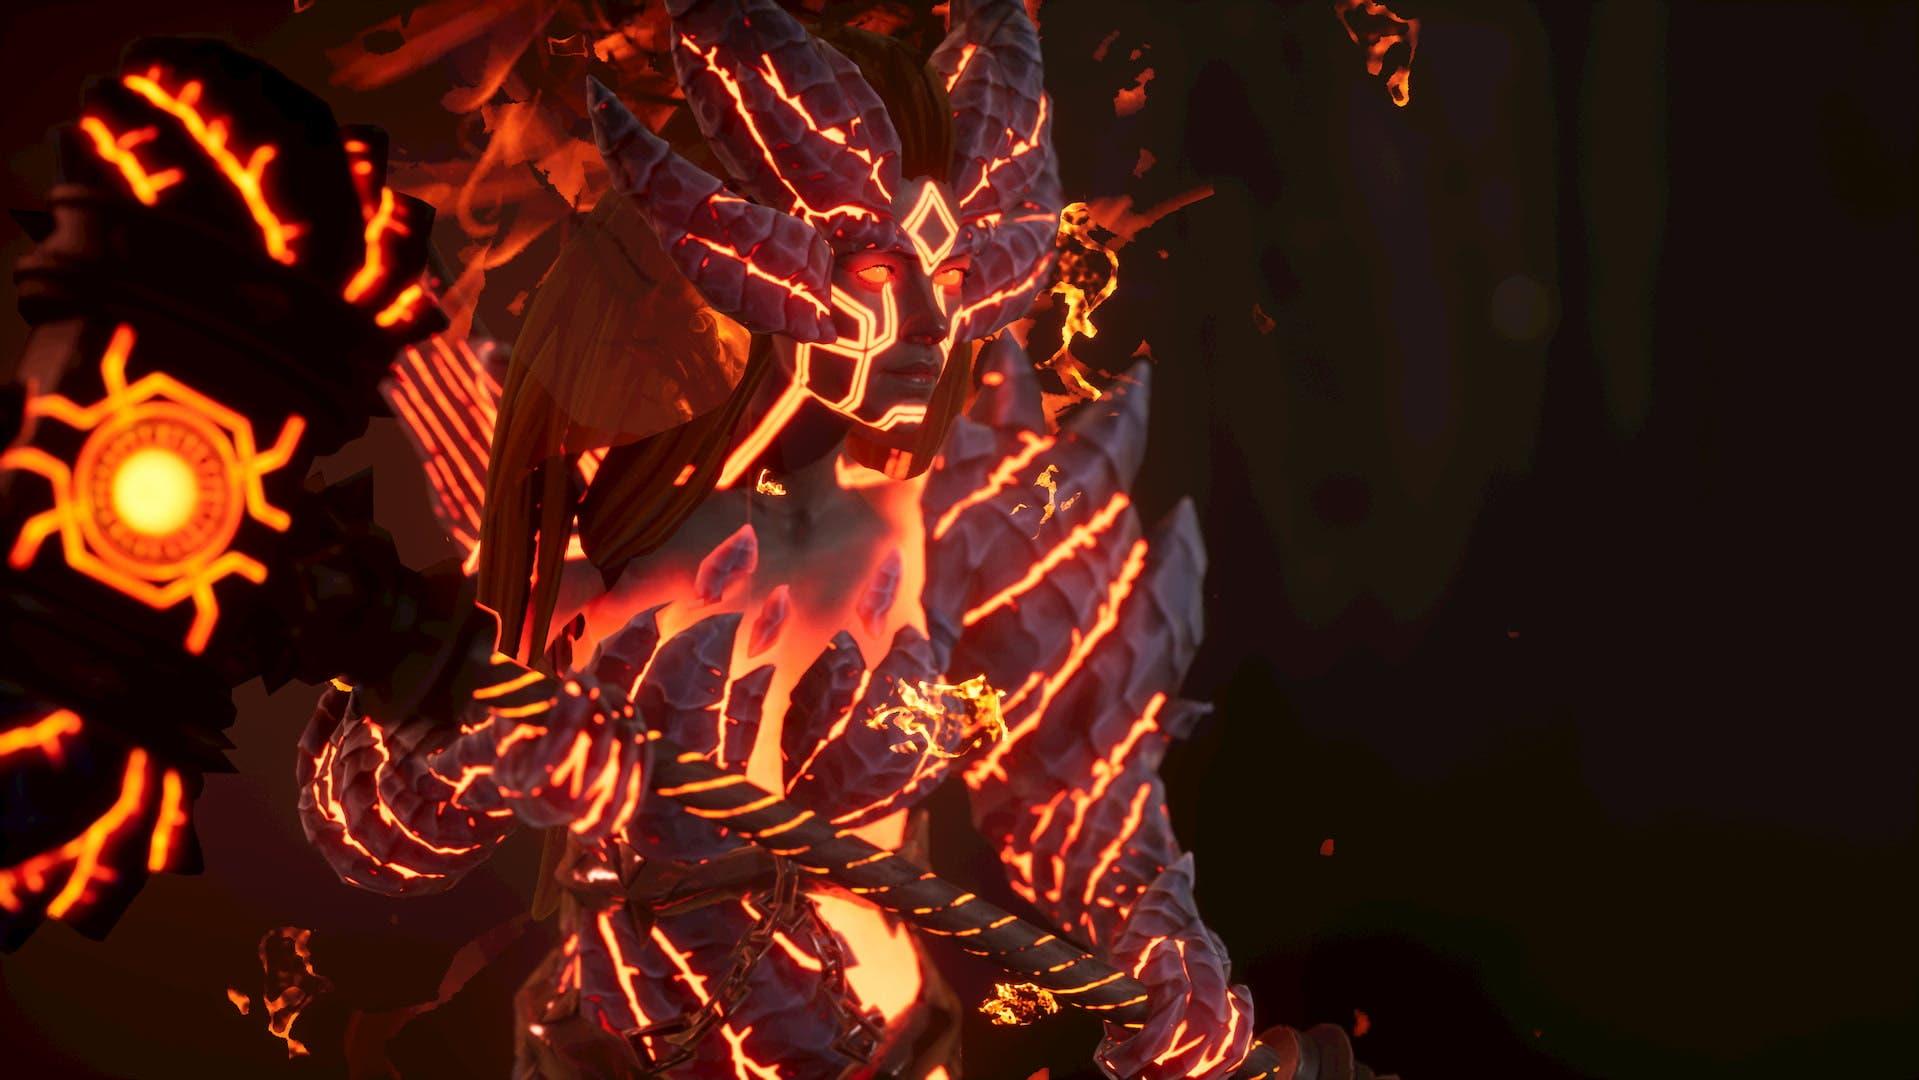 Soulborn, un nuevo RPG inspirado en The Witcher, confirma su llegada a Xbox Series X 13